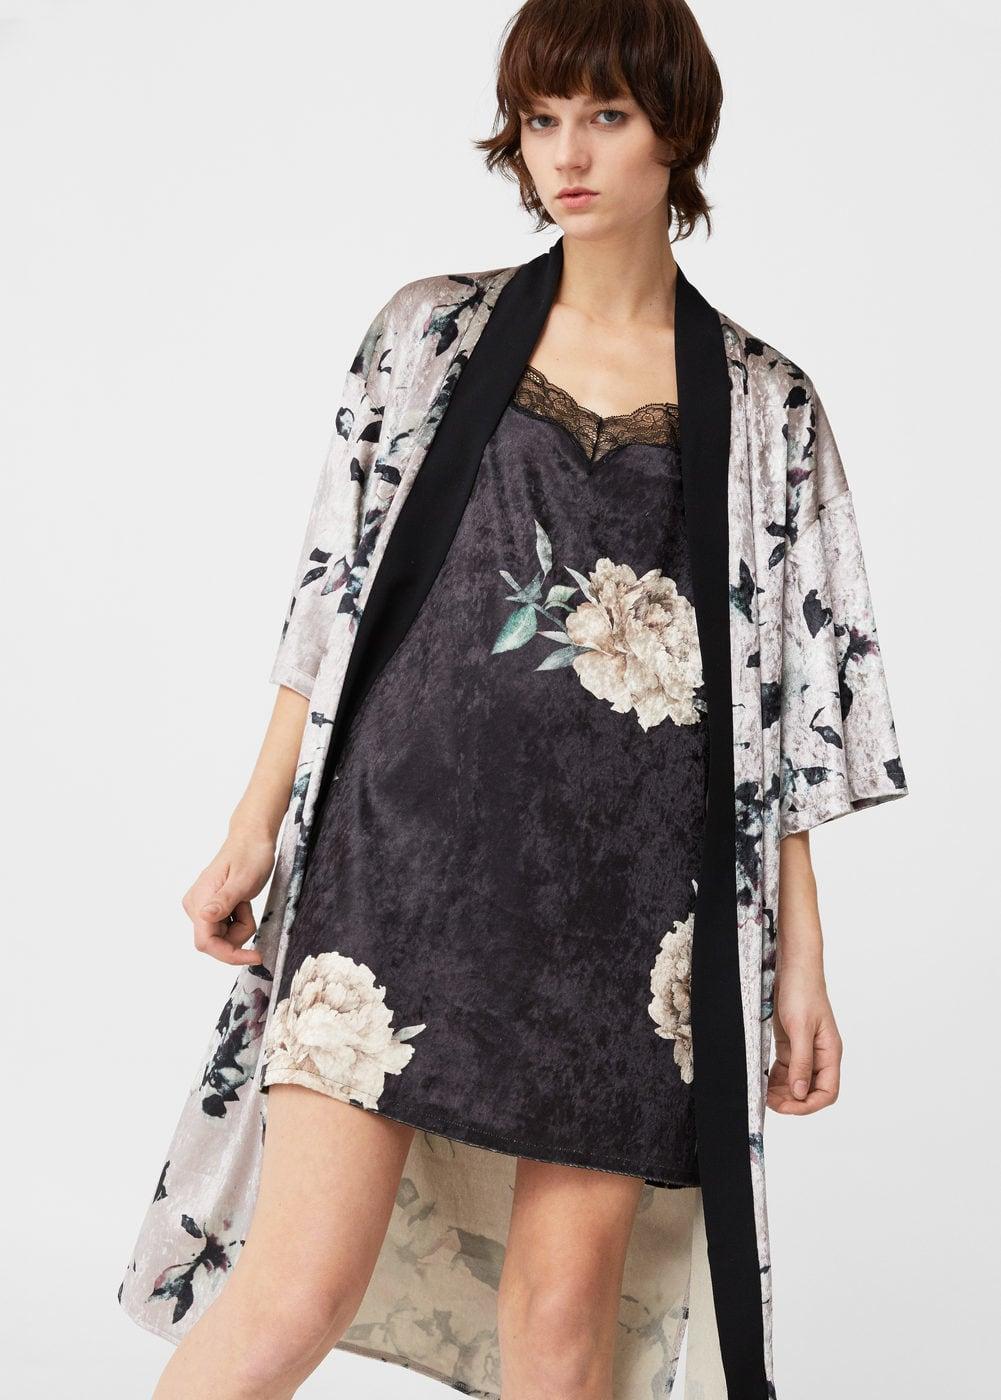 Vestidos Lenceros que podrás encontrar en Rebajas - vestido lencero terciopelo